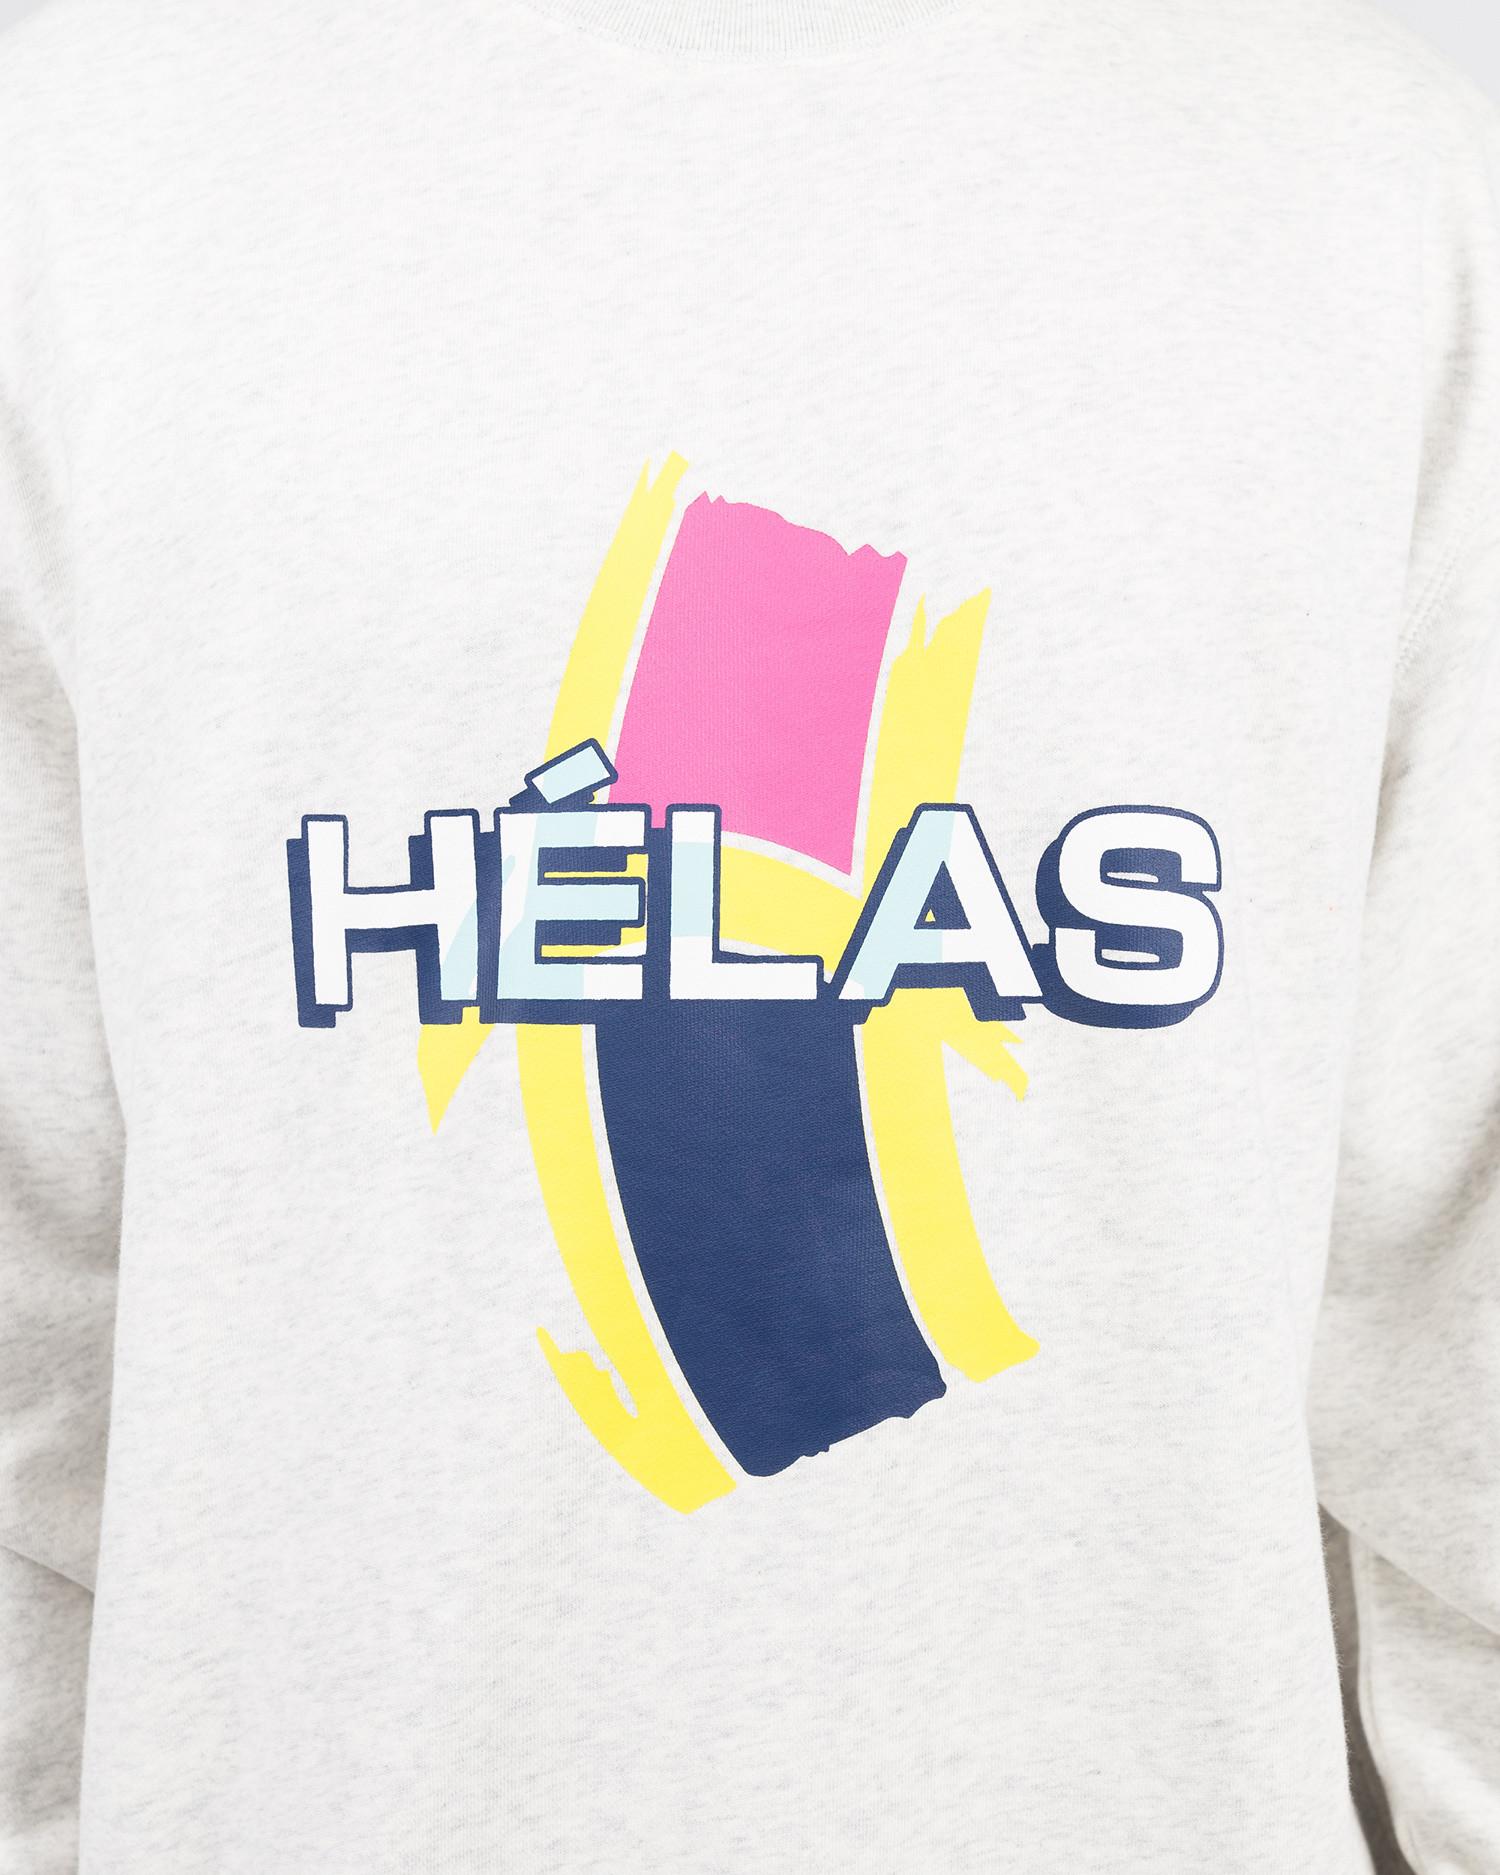 Helas REAR CREWNECK HEATHER GREY